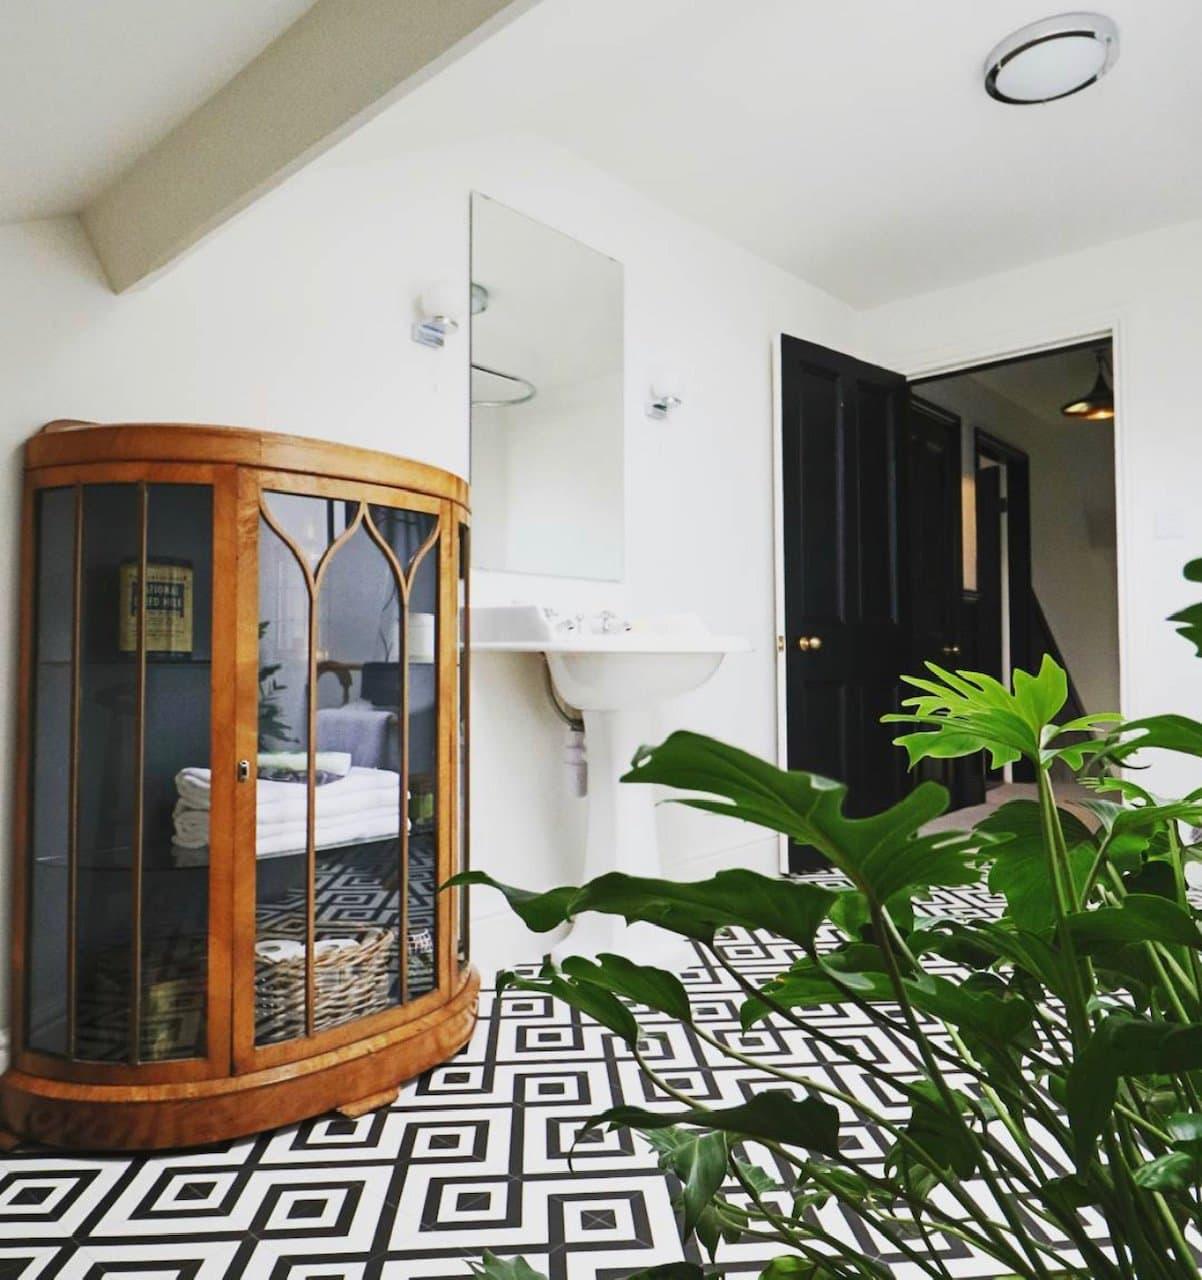 vintage cabinet, monochrome tiles